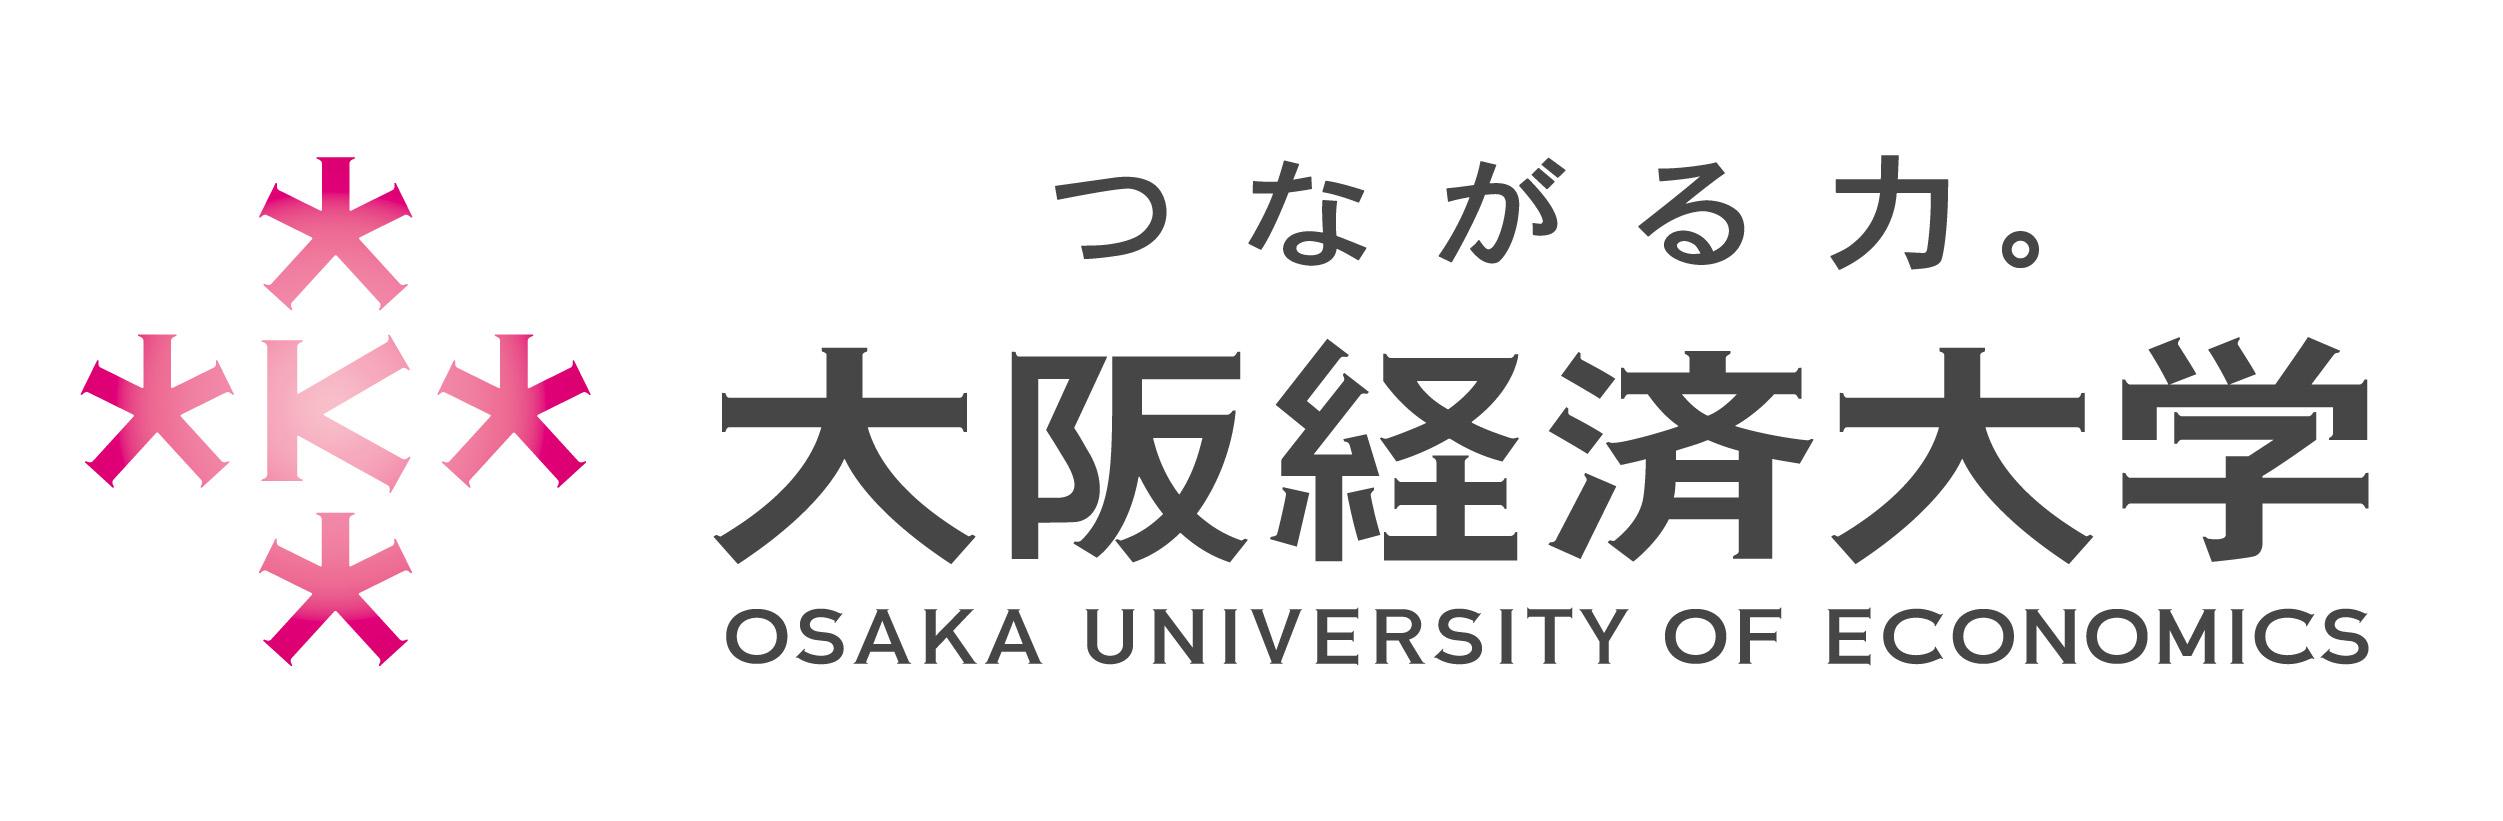 大手前大学の評判と偏差値【いわゆるfランク大学】